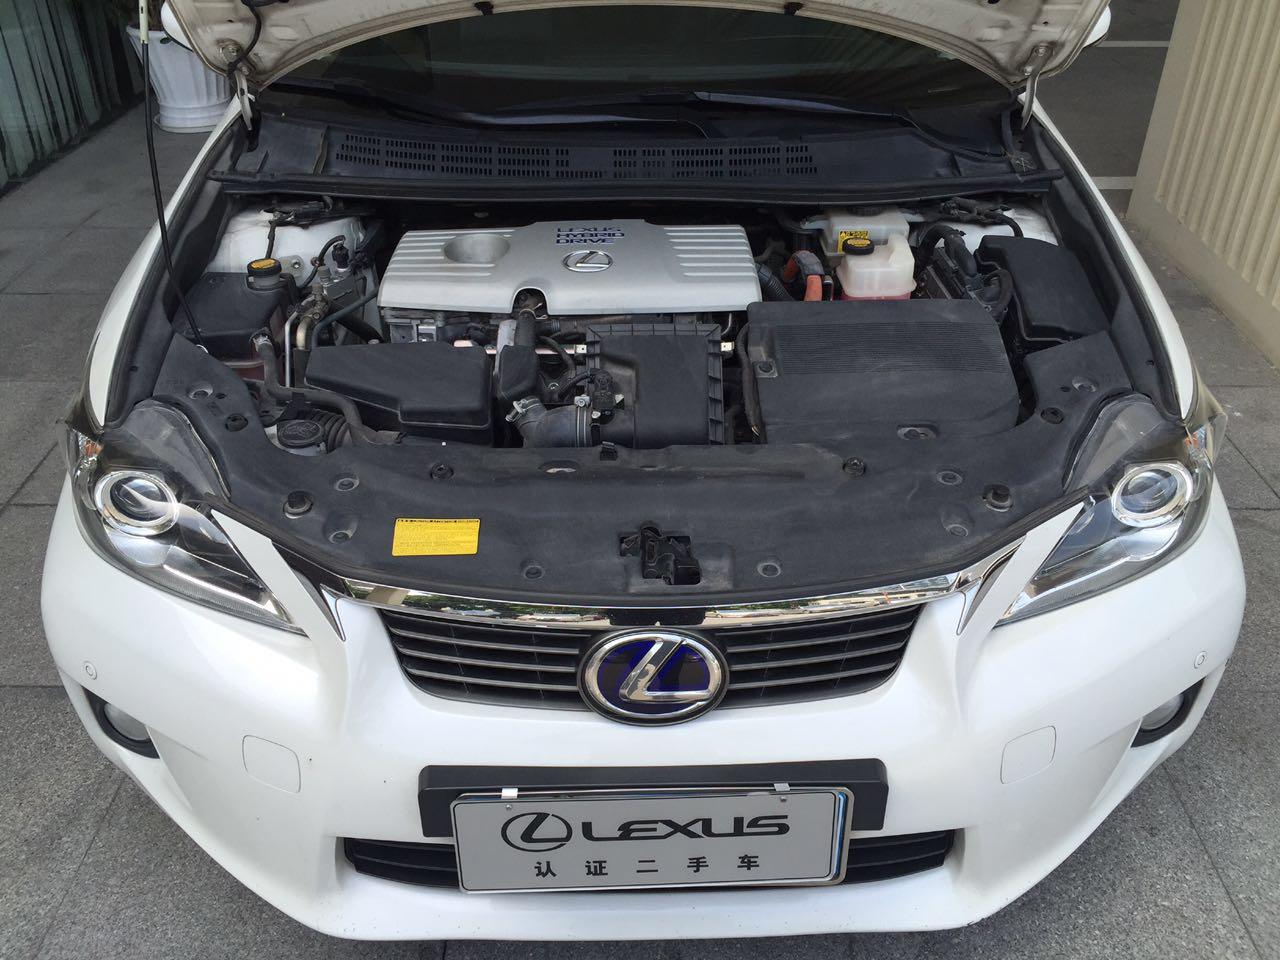 雷克萨斯CT 200h 1.8 CVT ECVT油电混合豪华版[201110]